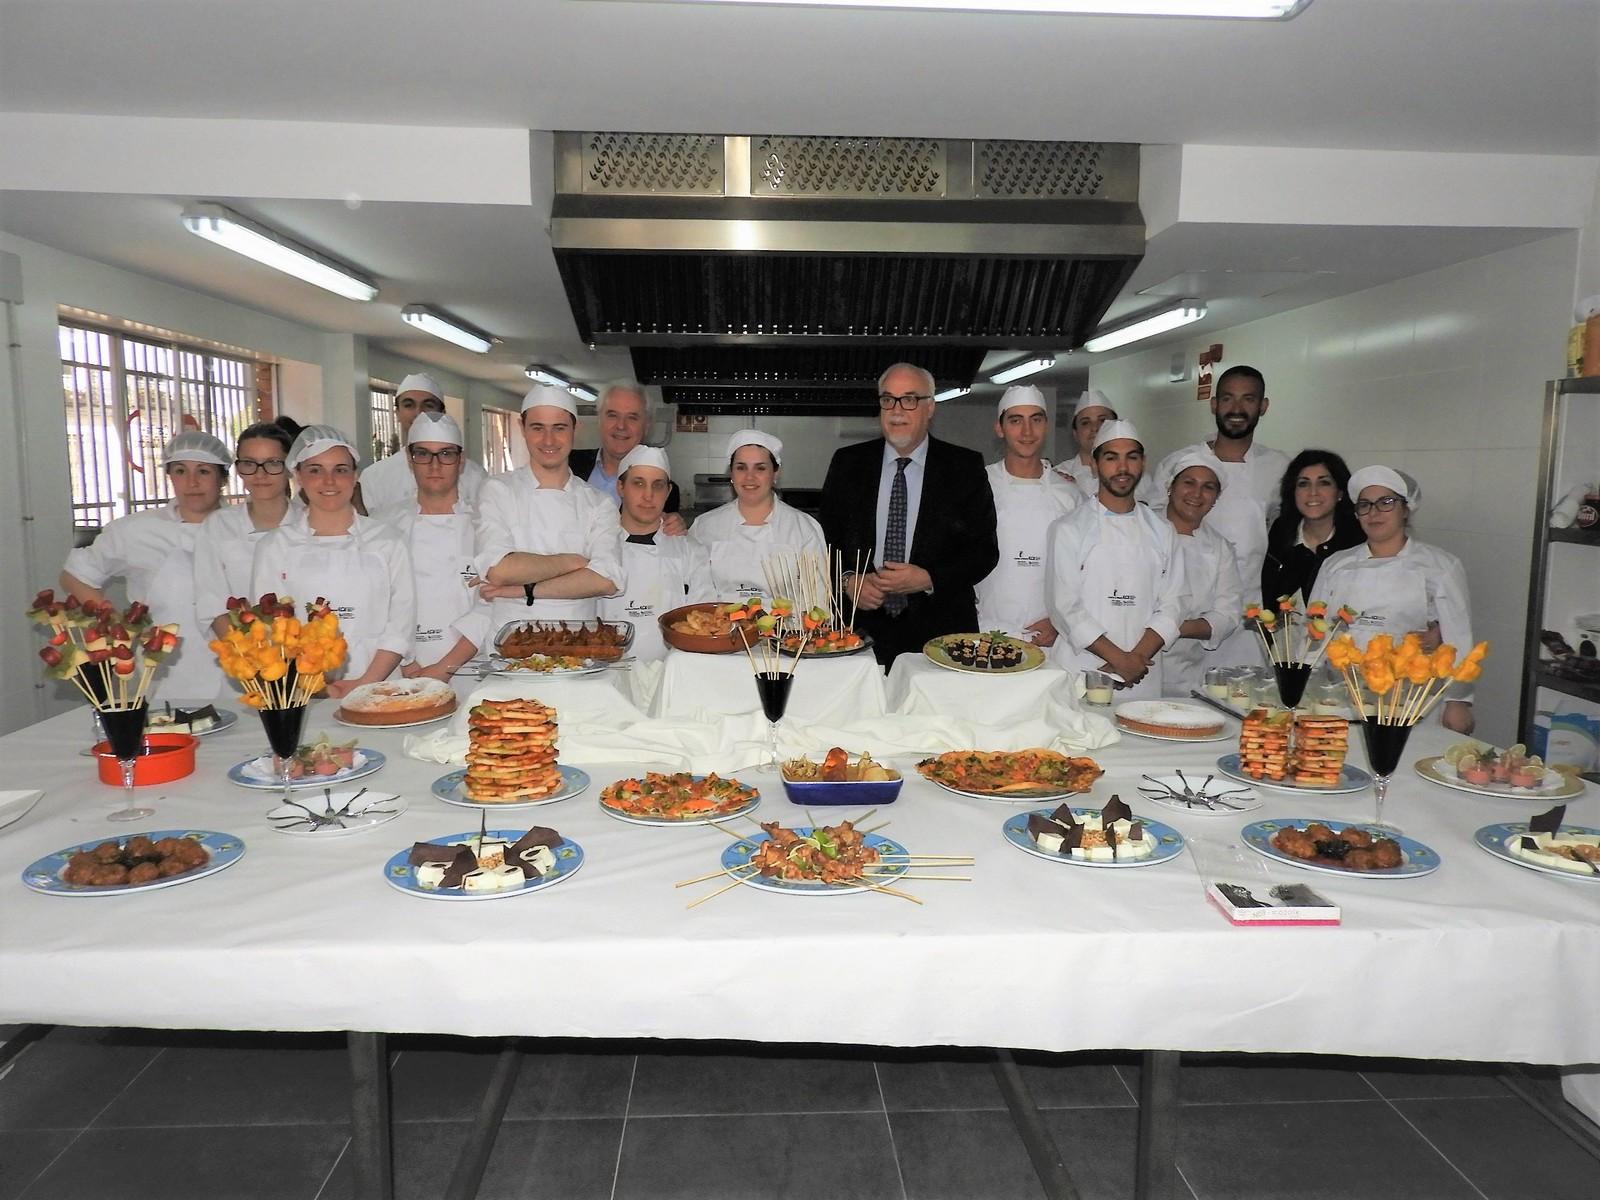 Quince j venes desempleados menores de treinta a os se forman en el curso ayudante de cocina - Curso de ayudante de cocina ...